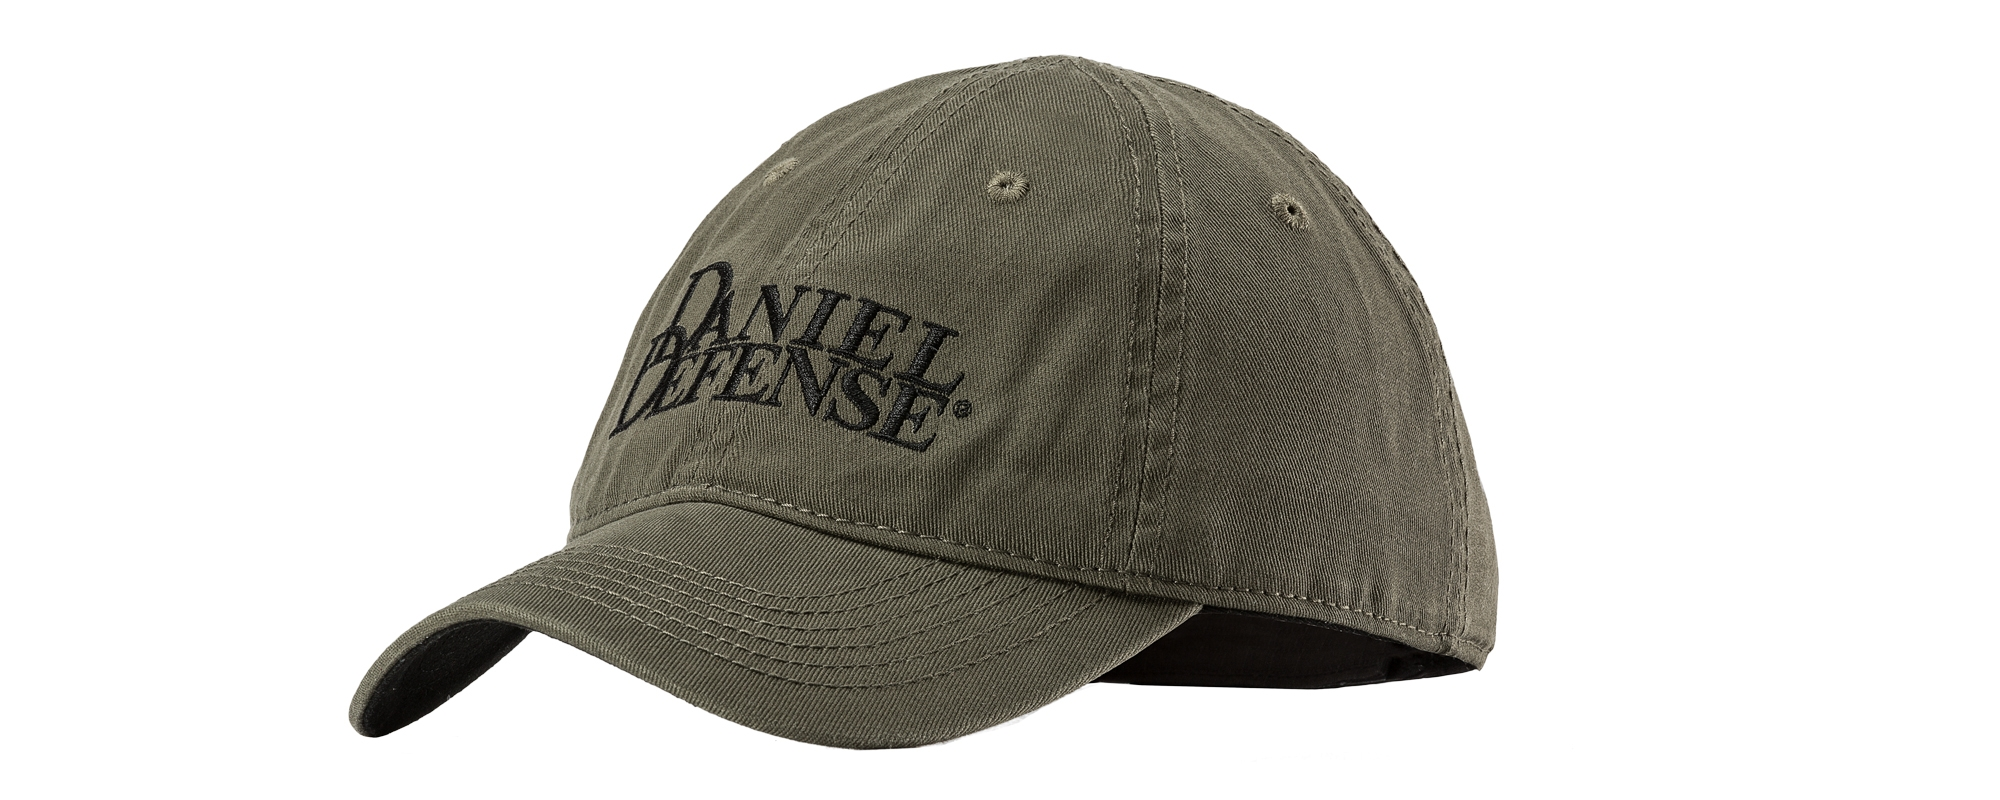 Official Daniel Defense Baseball Cap Hat New Velcro Adjustable OD ... fc9c6af93a23